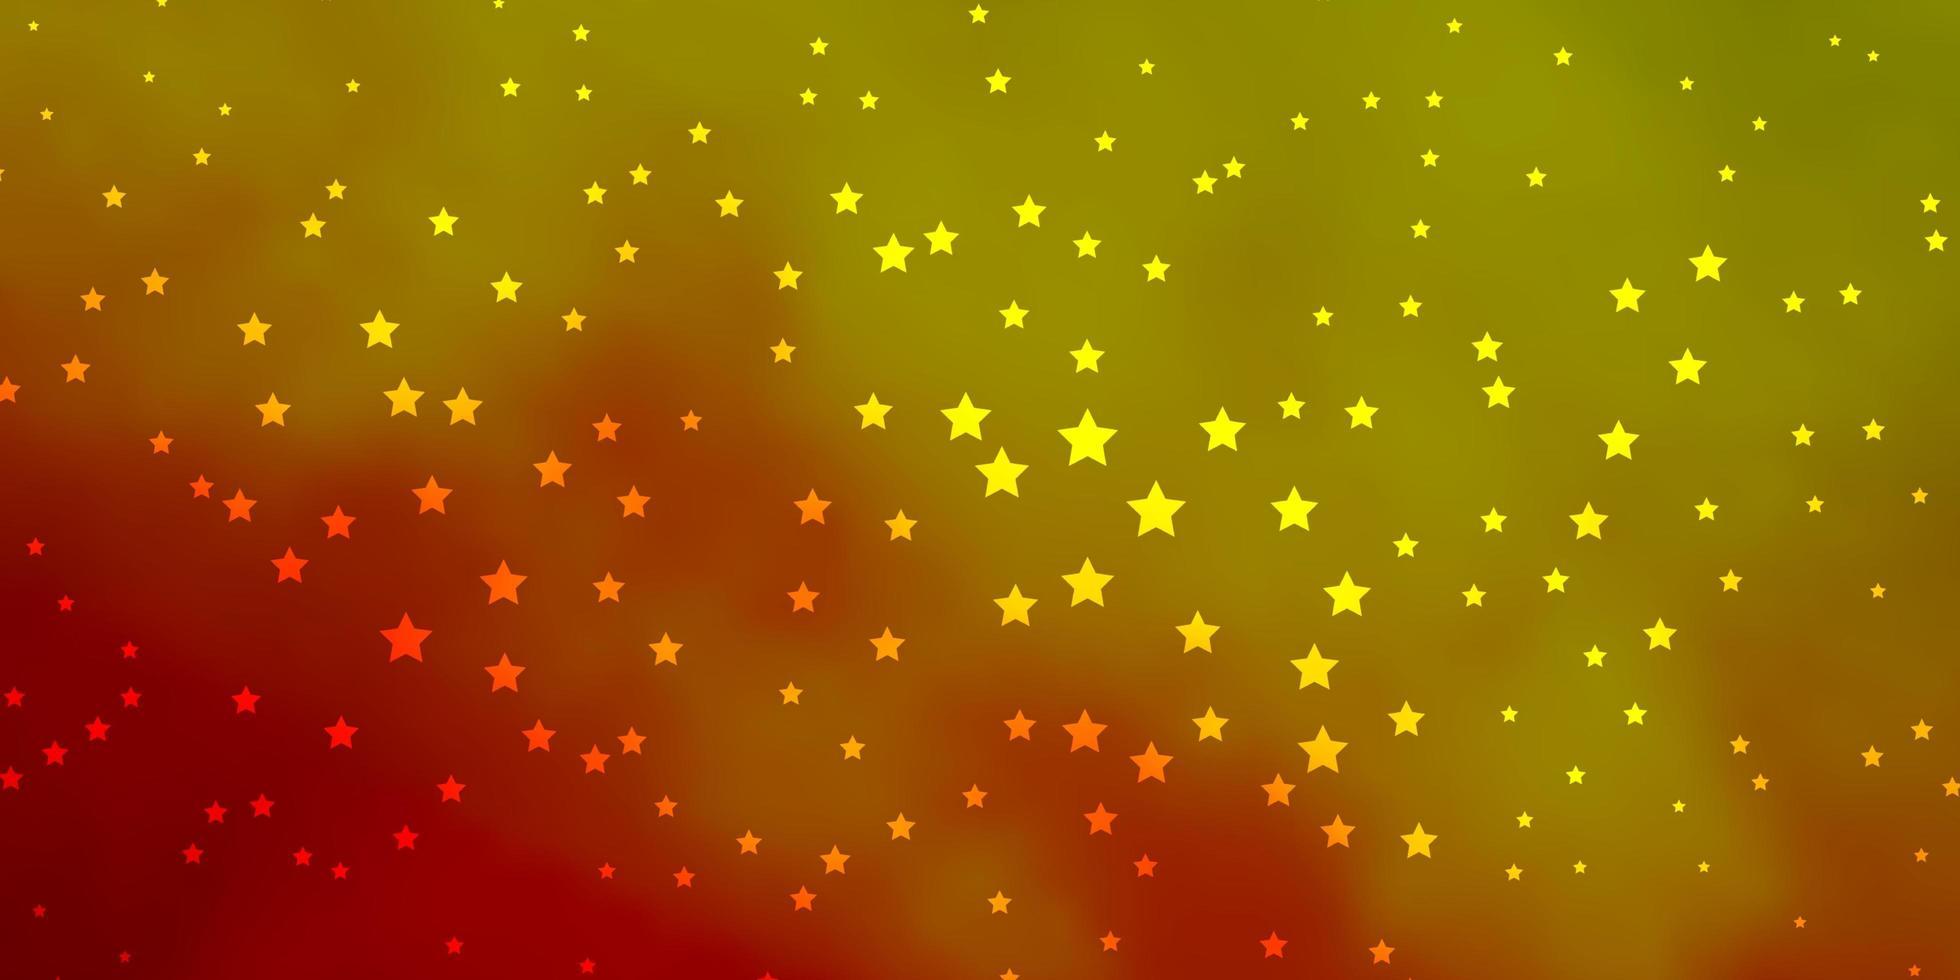 textura de vector verde oscuro, rojo con hermosas estrellas.